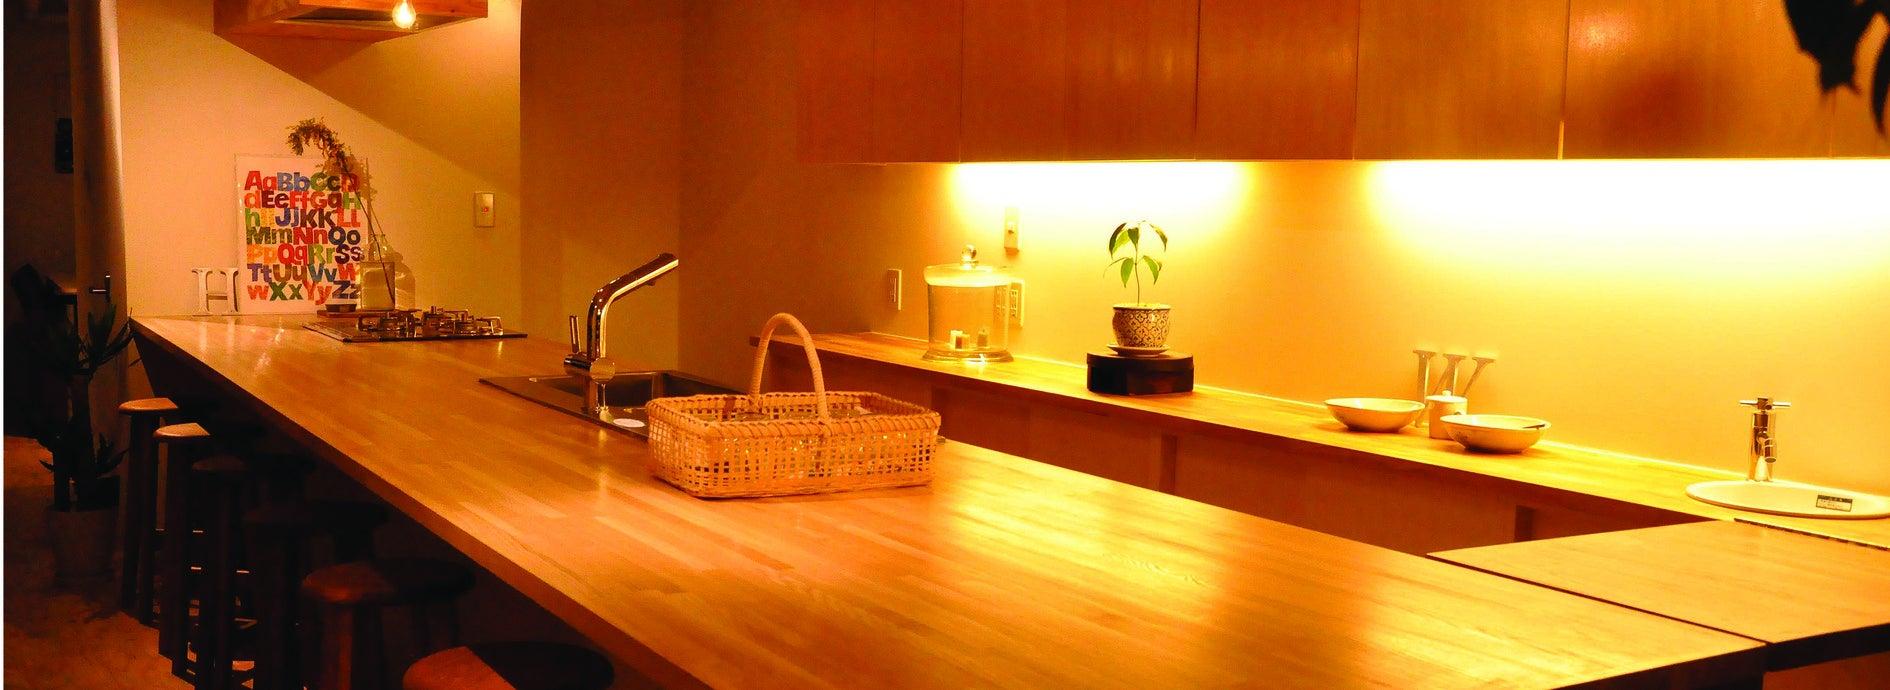 カウンターキッチン付きの小さなスペース!各種パーティーや料理教室、各種撮影や展示などに!